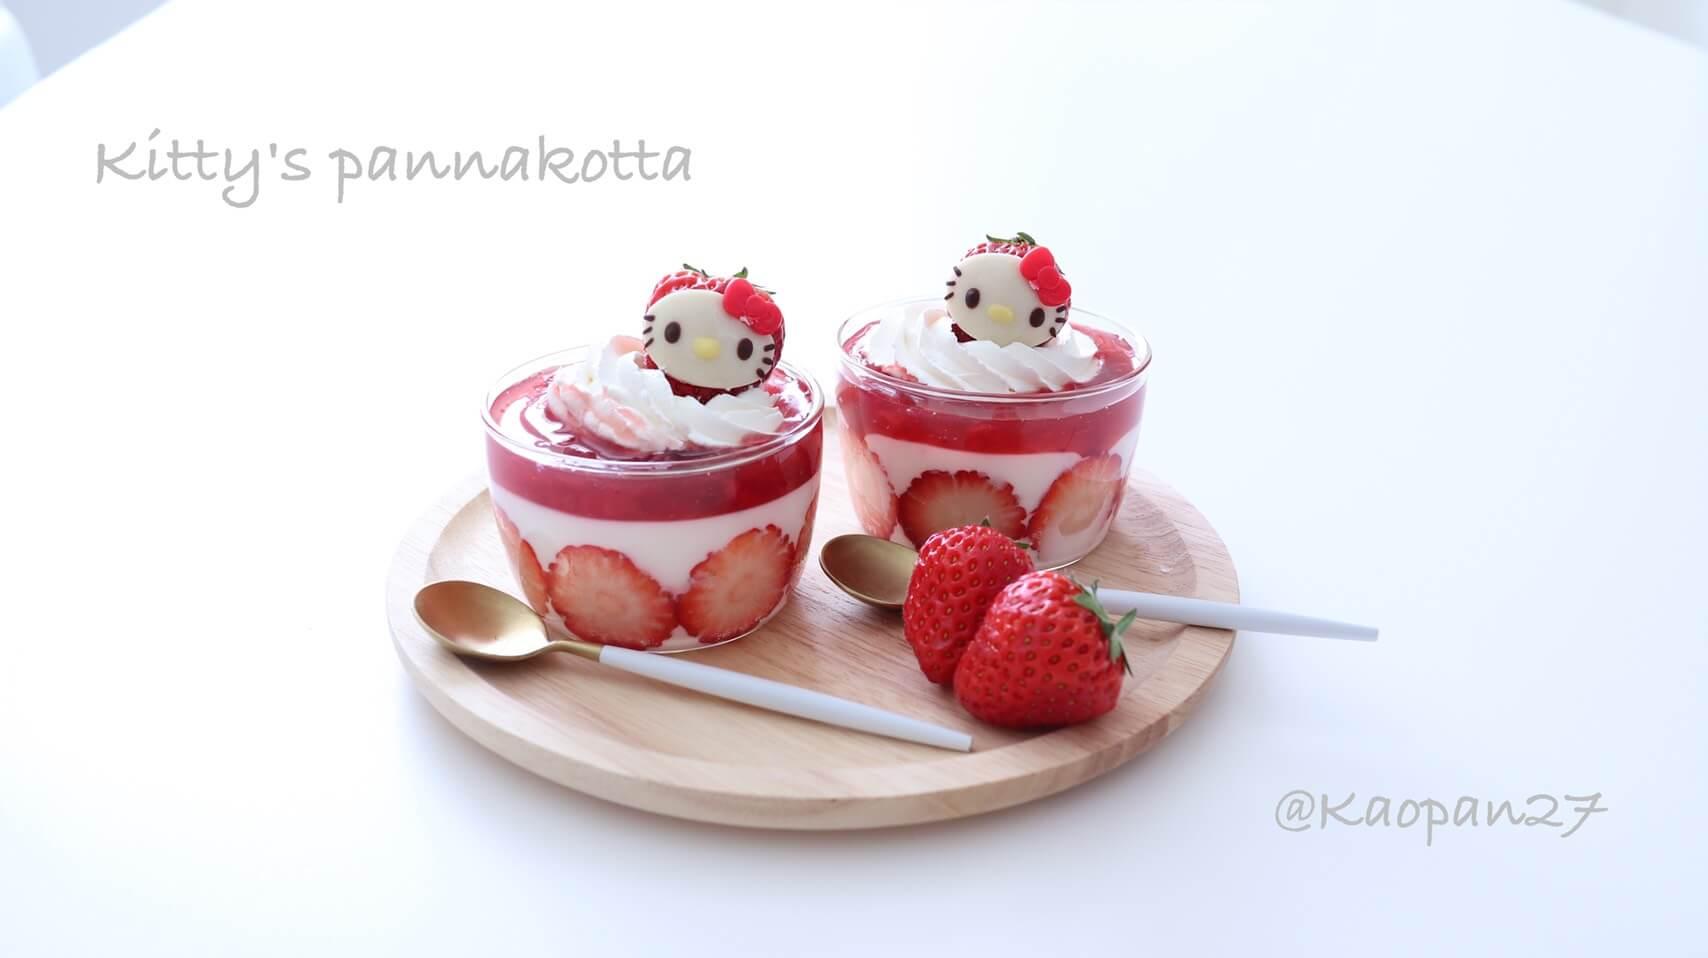 キティ スイーツ レシピ Kitty Sweets Recipe 凱蒂猫 甜點 食譜7